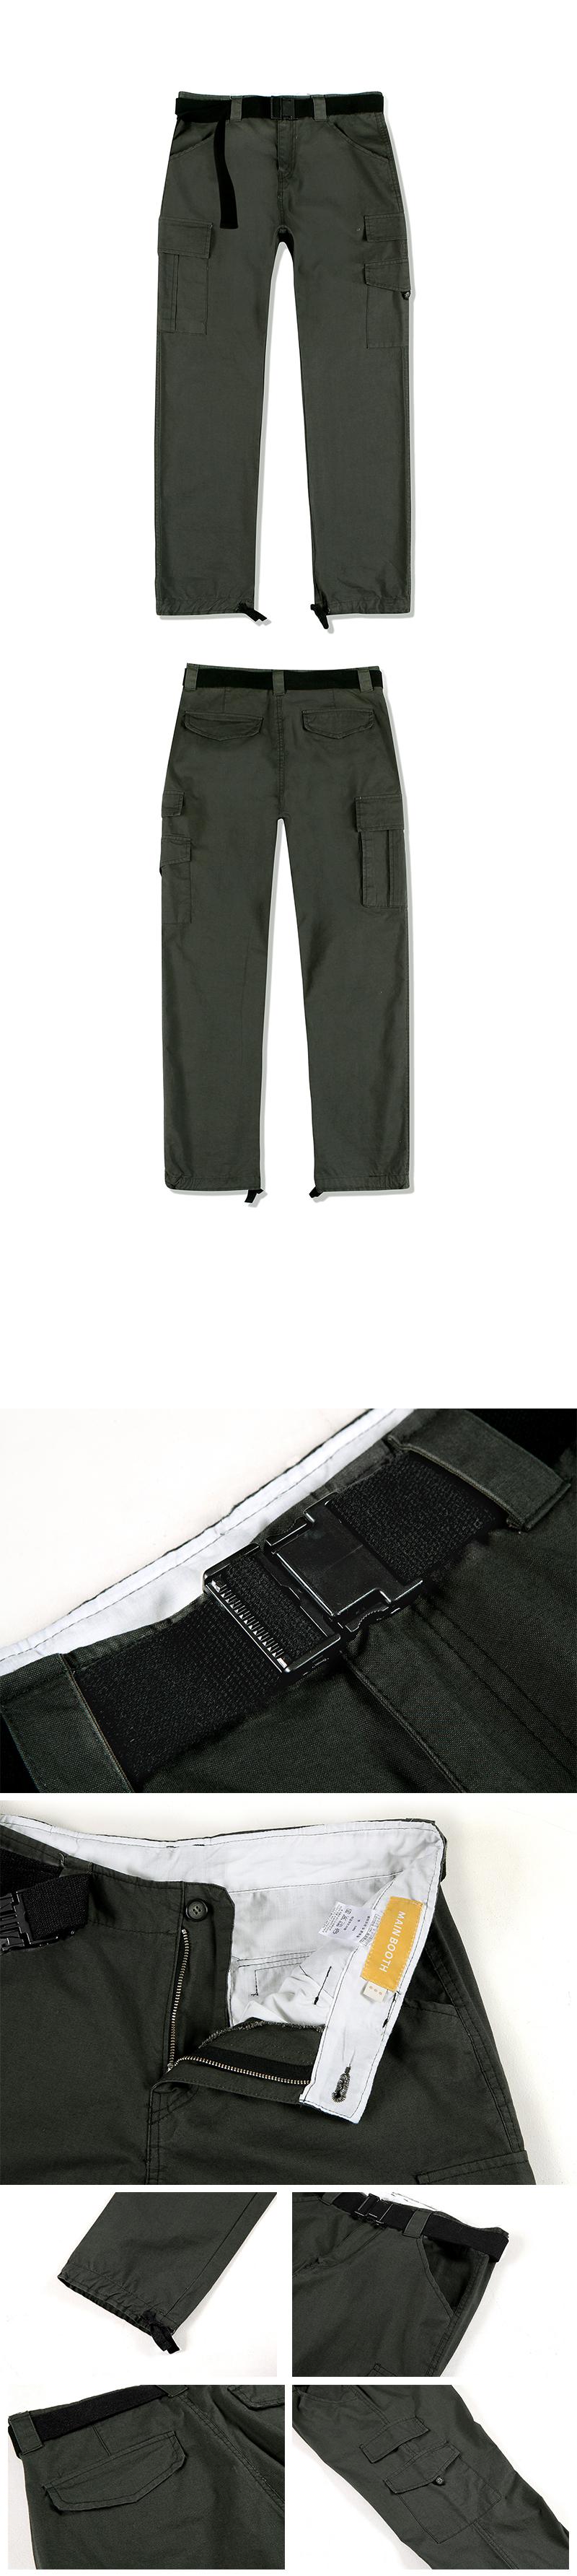 메인부스(MAINBOOTH) Belt Cargo Pants(KHAKI)